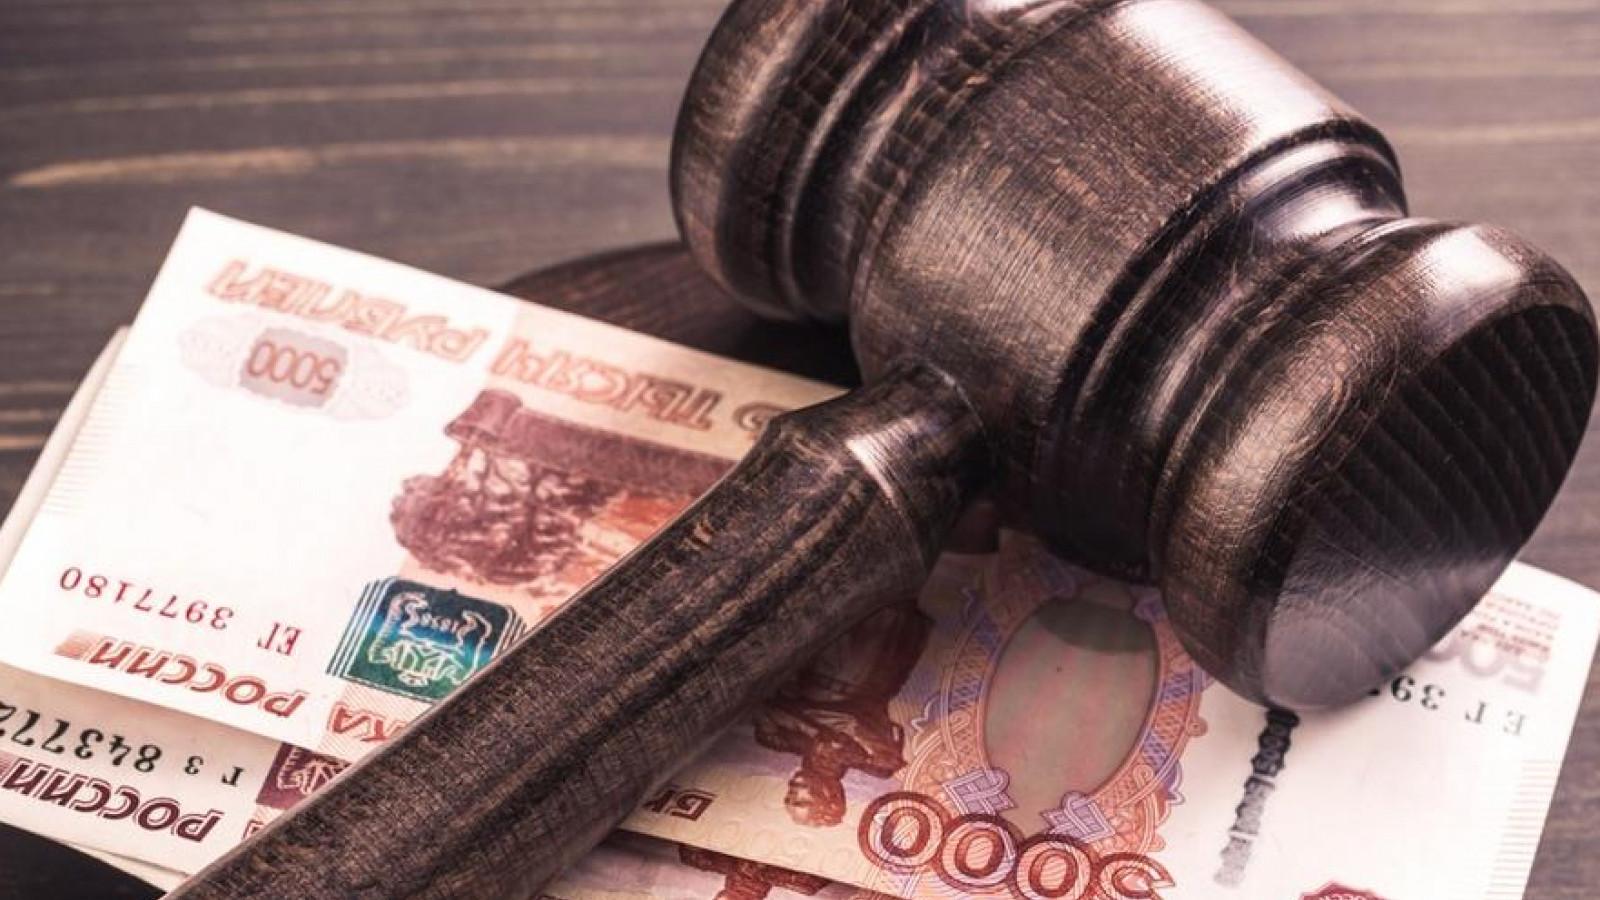 УФАС Подмосковья оштрафовало должностное лицо ООО «СтройЭнергоИнвест» за картельный сговор